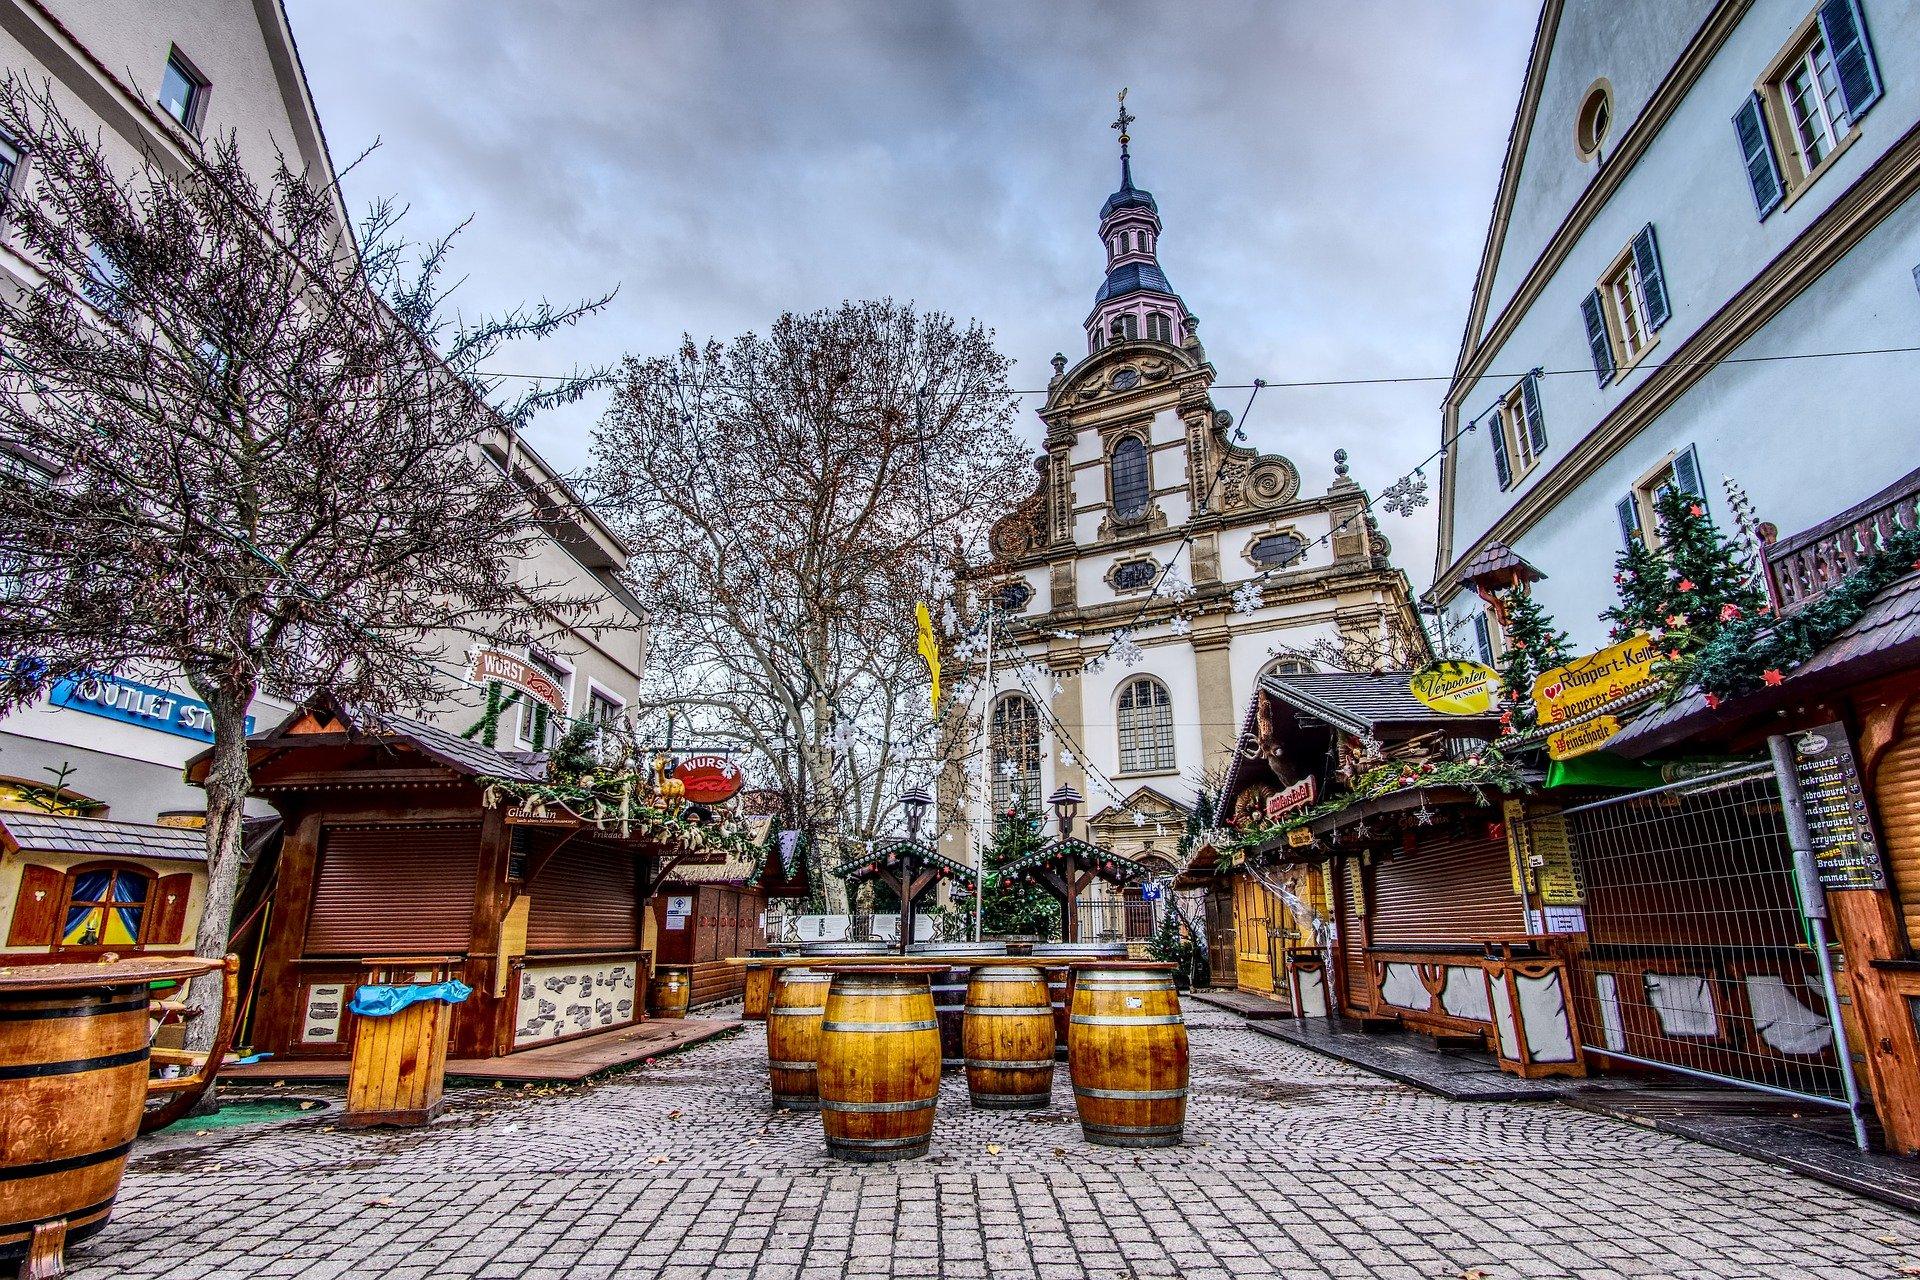 christmas market 4603893 1920.jpg?resize=1200,630 - Découvrez les plus beaux marchés de Noël de France et d'Europe